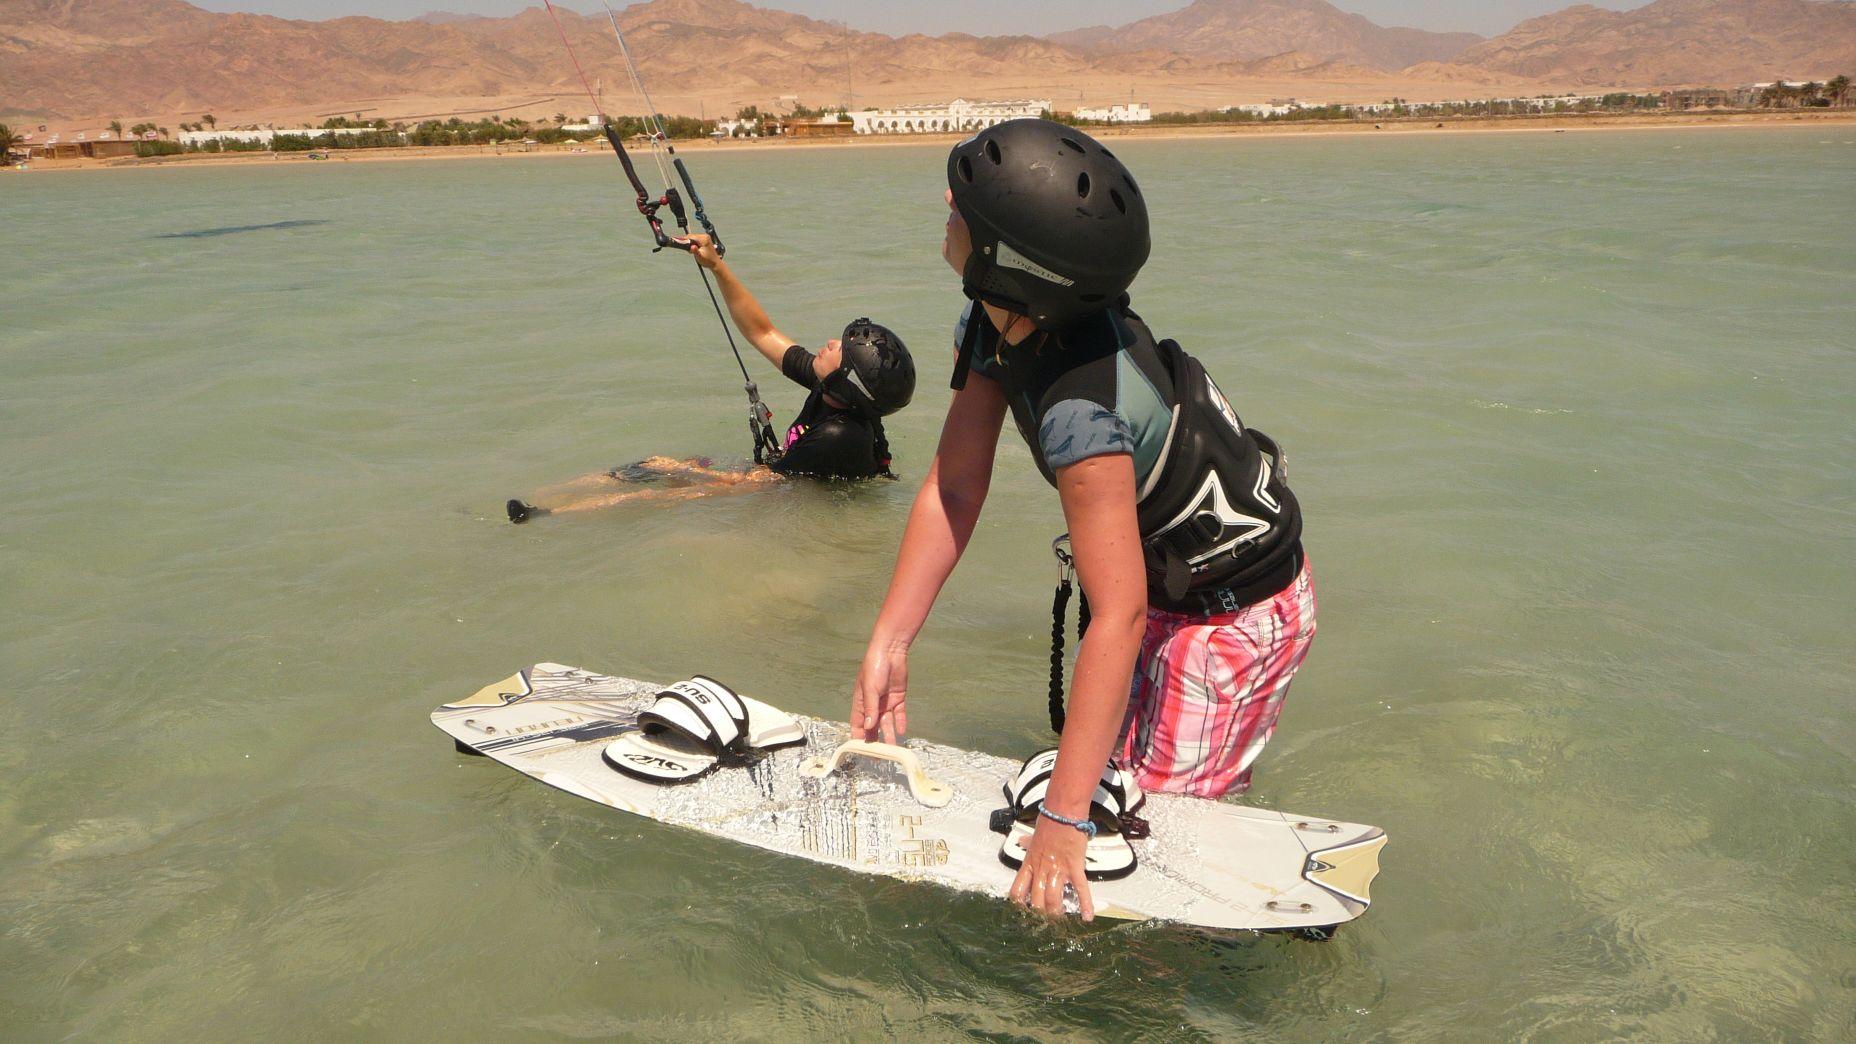 Nauka szkolenie windsurfing kitesurfing wyjazdy